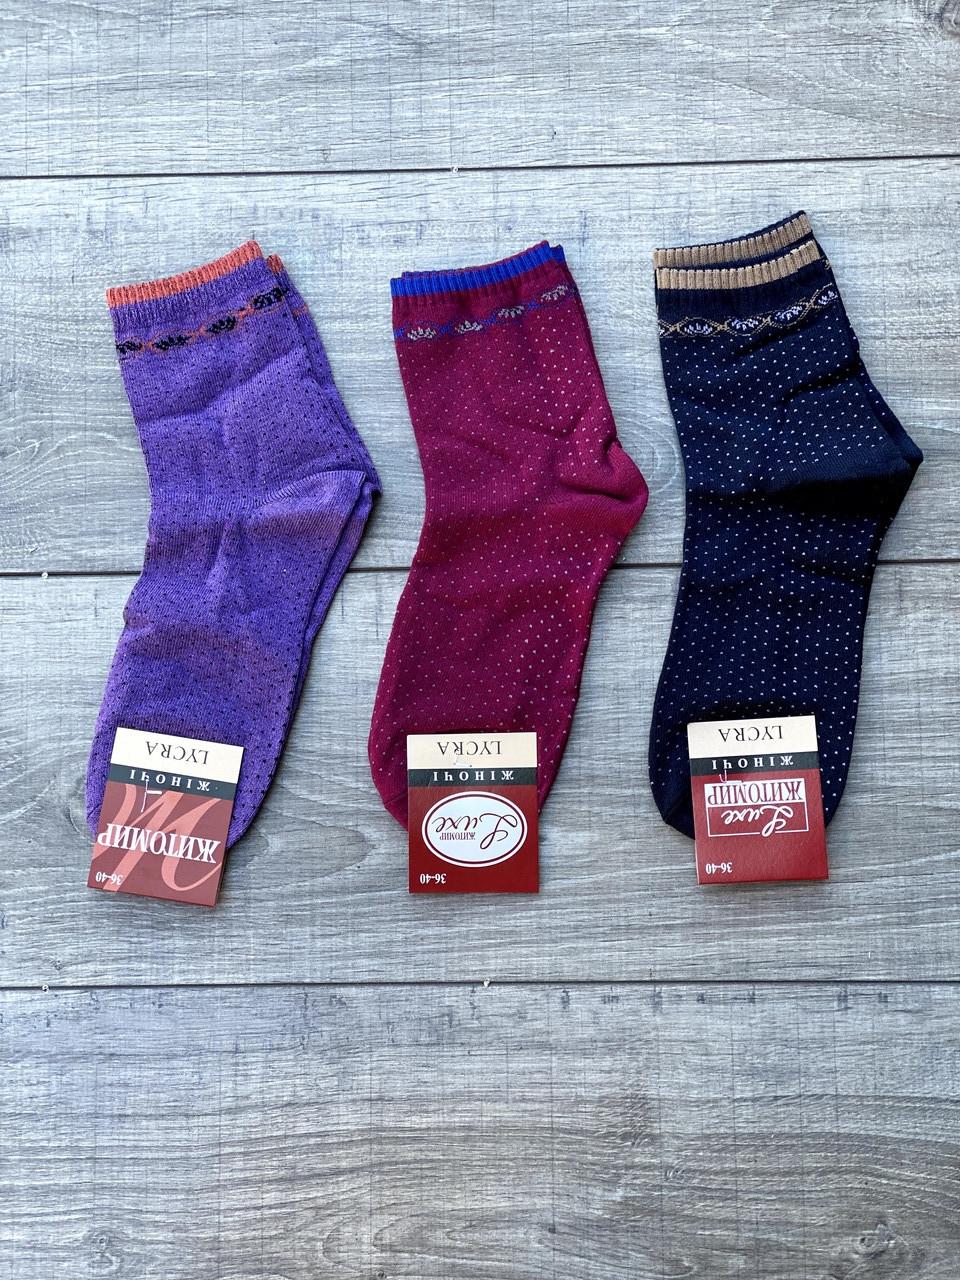 Жіночі носки Люкс Житомир шкарпетки стрейчеві в білий горошок 36-40  12 шт в уп асорті 3-ох кольорів